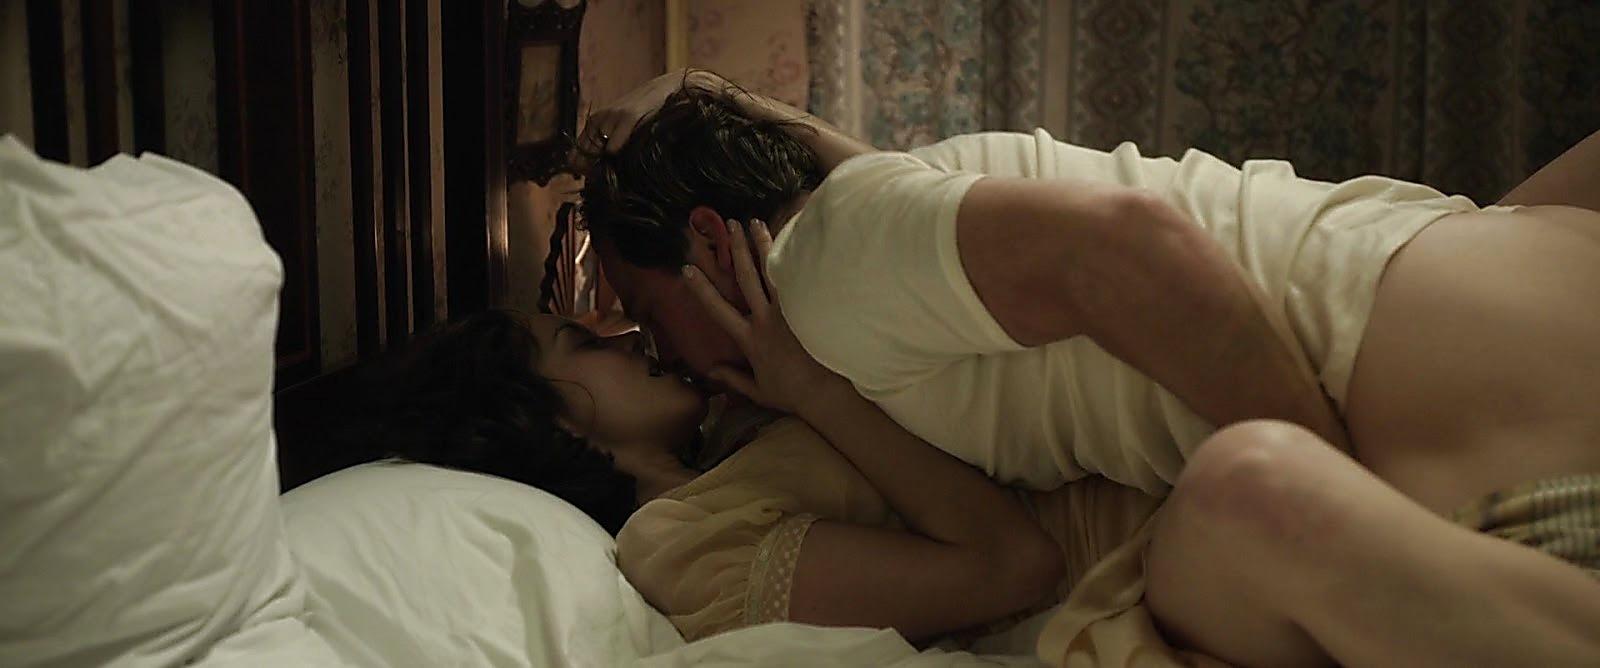 смотреть секс сцены из художественных фильмов вечера хорошенько